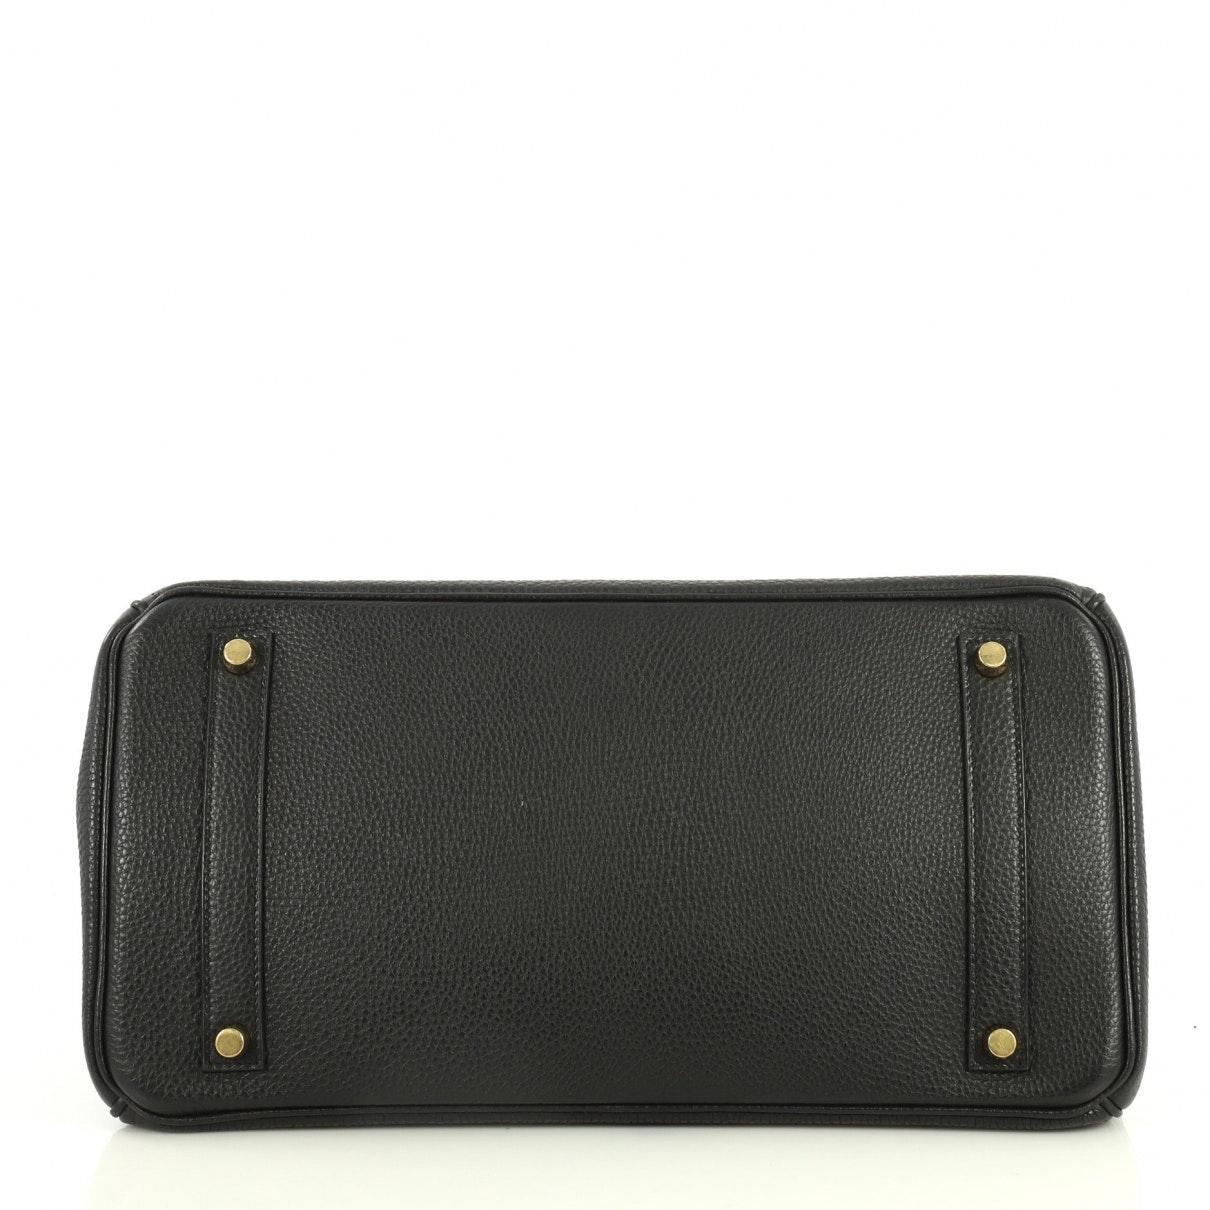 Sac à main Birkin 35 en Cuir Noir Cuir Hermès en coloris Noir Ul5L